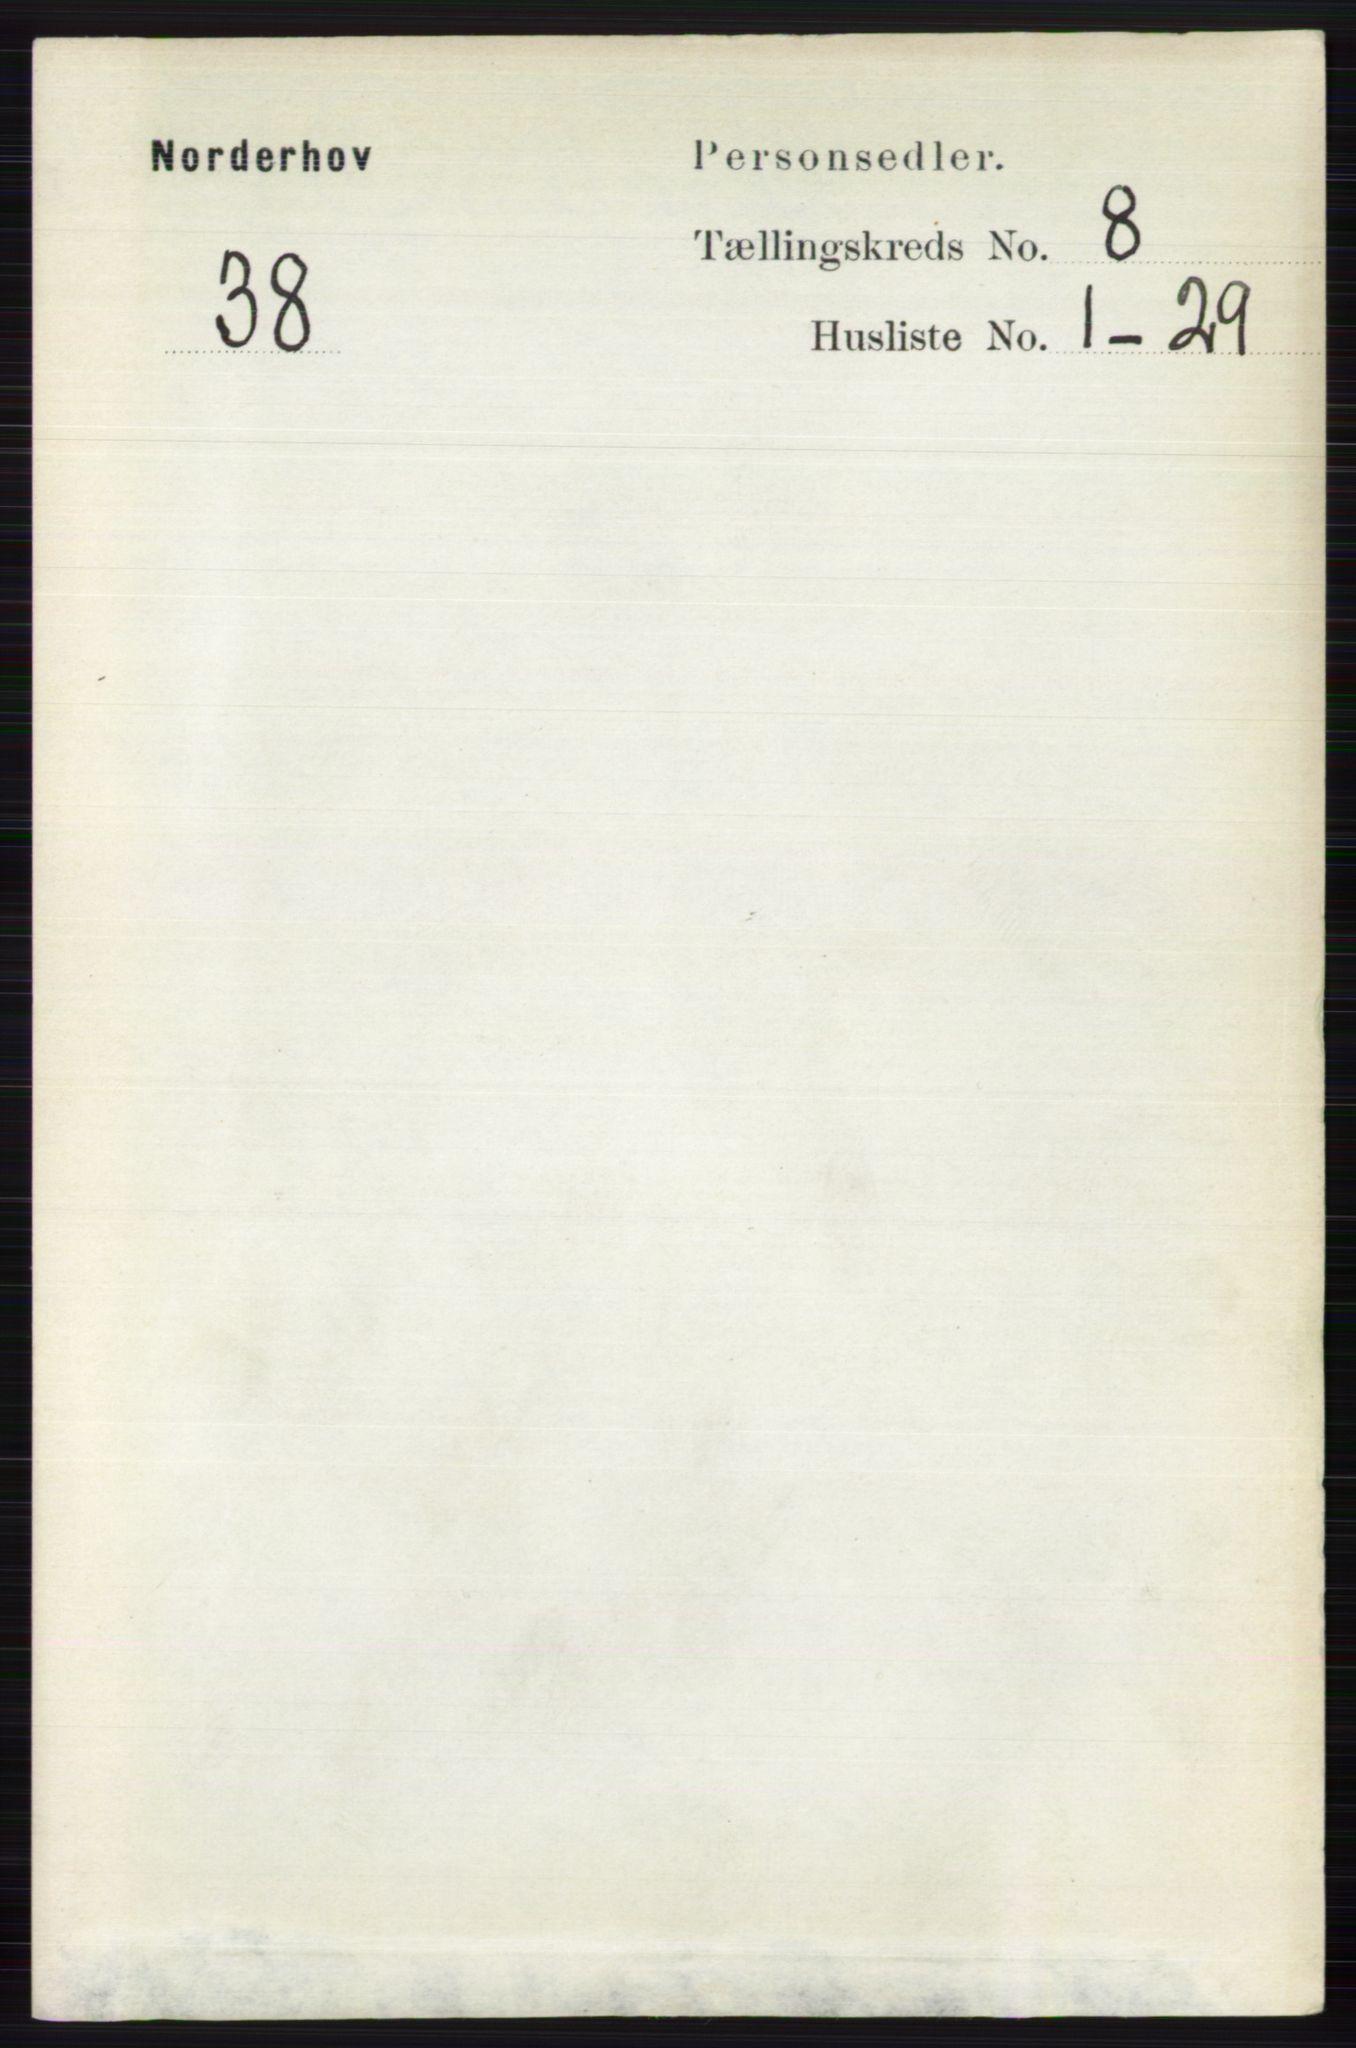 RA, Folketelling 1891 for 0613 Norderhov herred, 1891, s. 5558